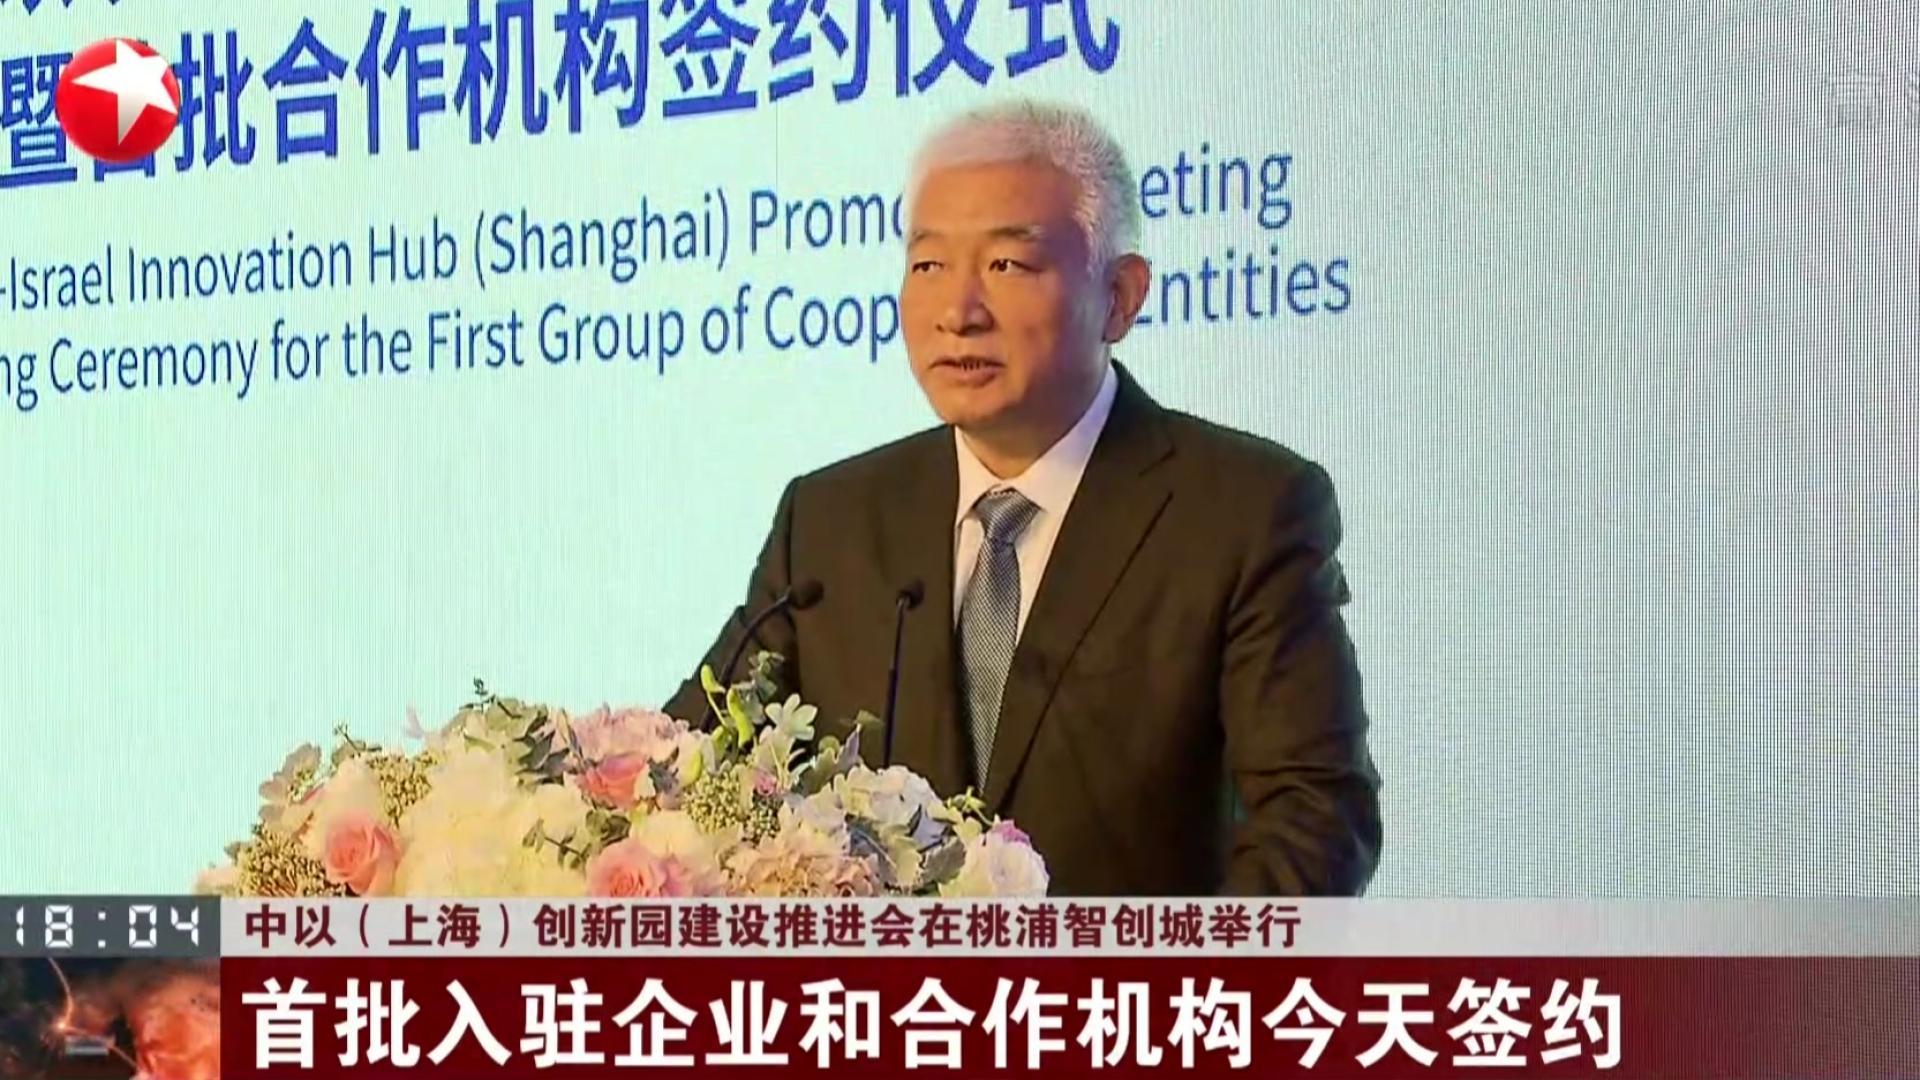 中以(上海)创新园建设推进会在桃浦智创城举行:首批入驻企业和合作机构今天签约